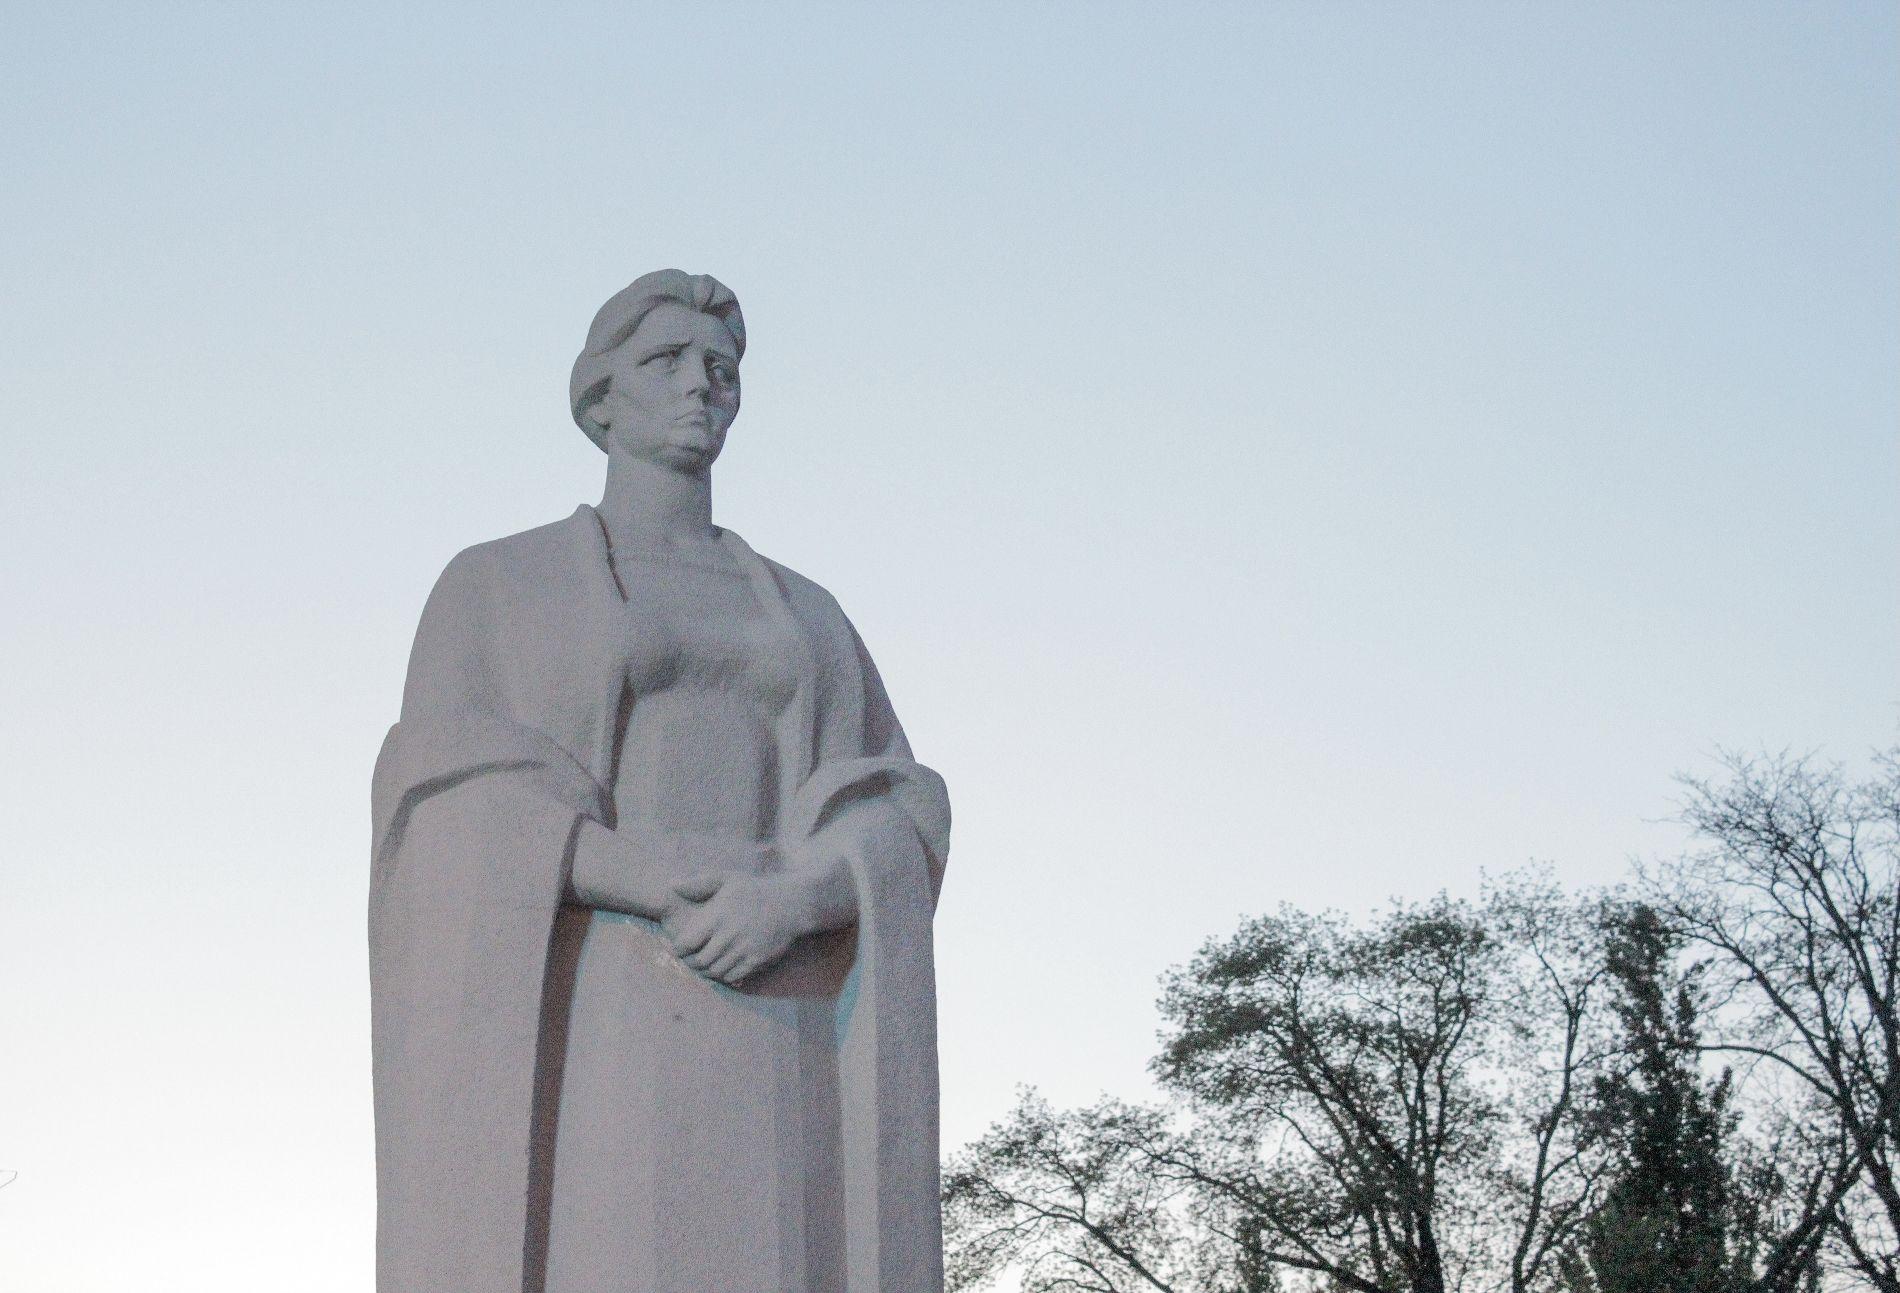 Статуя Родины-матери ©Фото Динара Бурангулова, Юга.ру